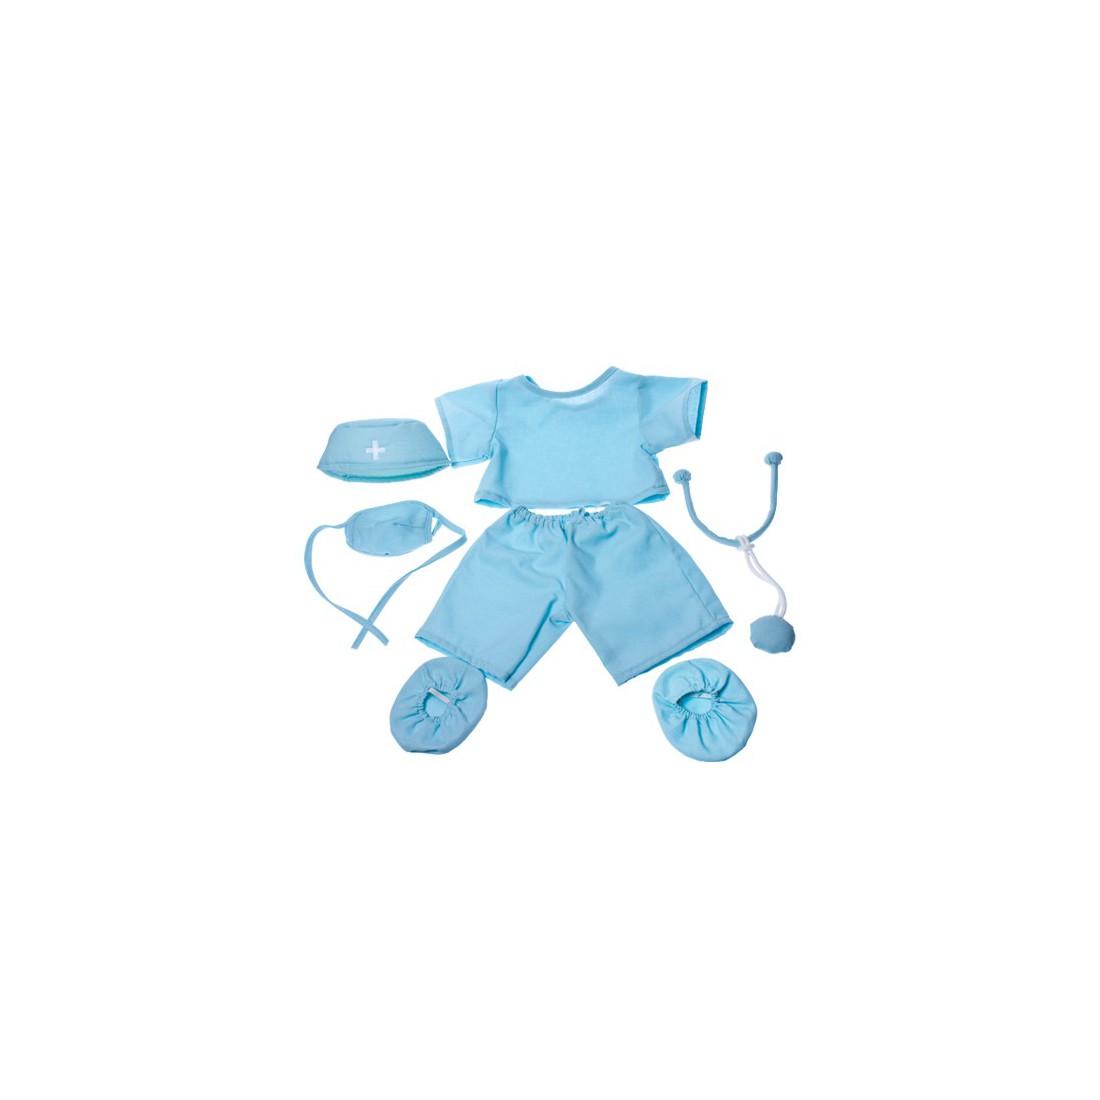 Tenue de docteur ou chirurgien   40 cm - La tenue idéale pour les peluches personnalisées ! Transformez votre